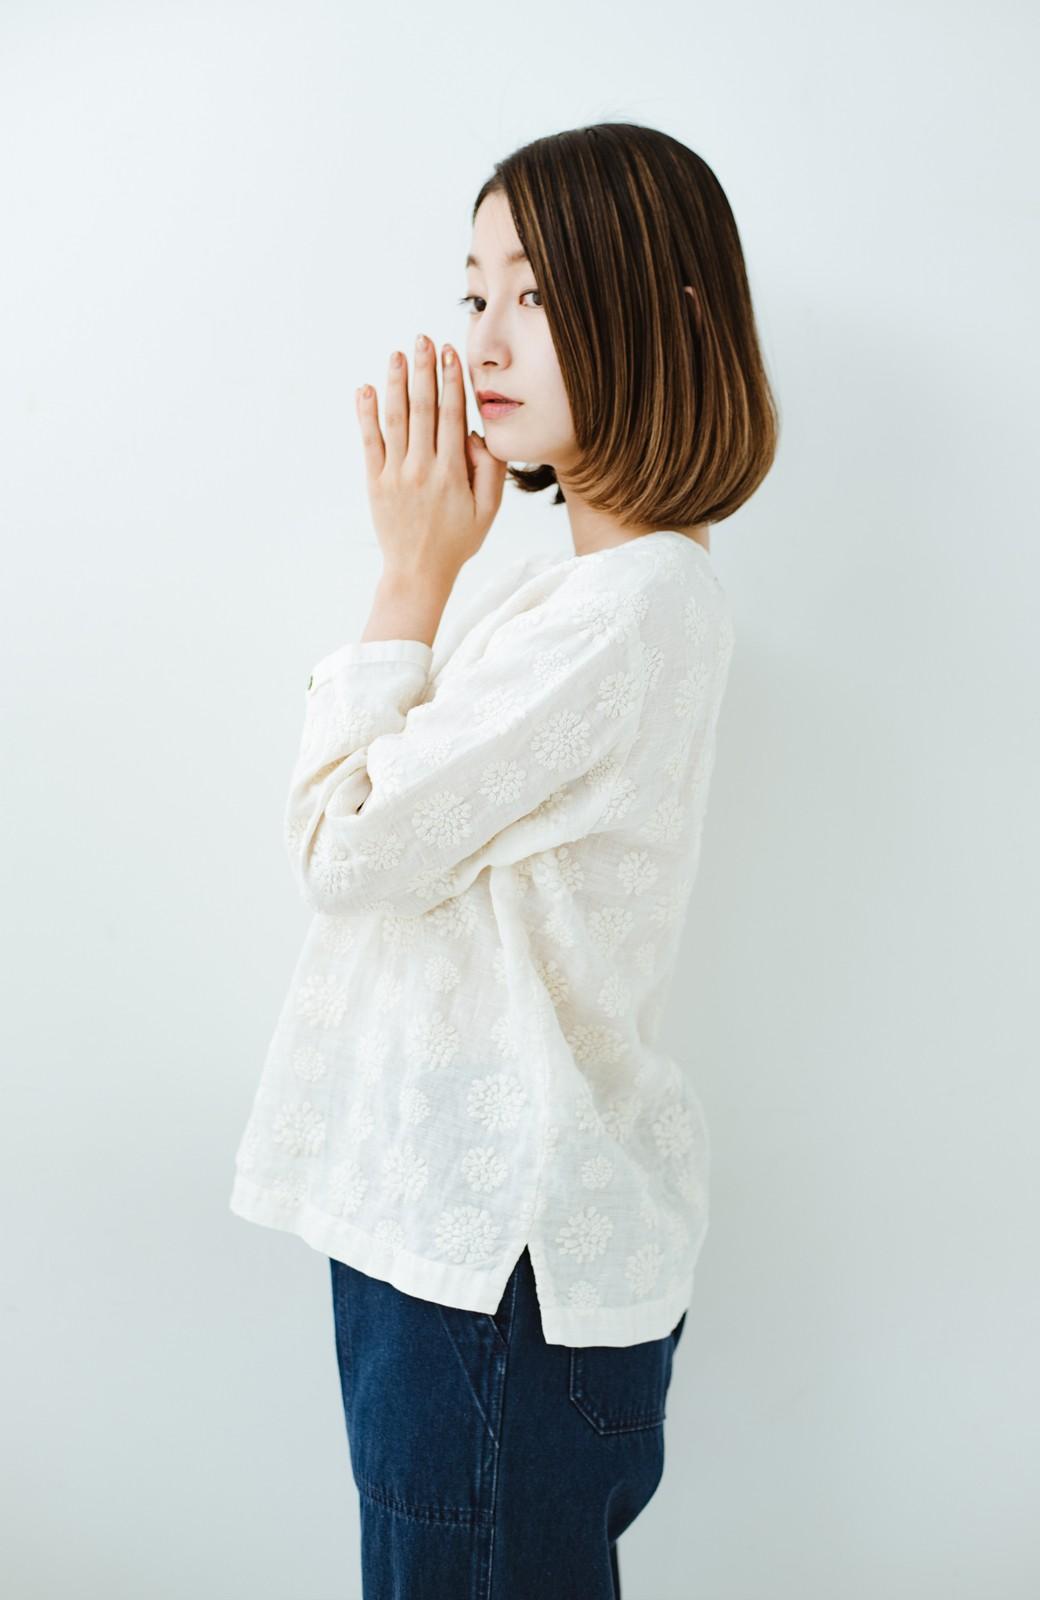 haco! てとひとて Miho Umezawa ダリア刺繍リネンブラウス <クリーム>の商品写真12